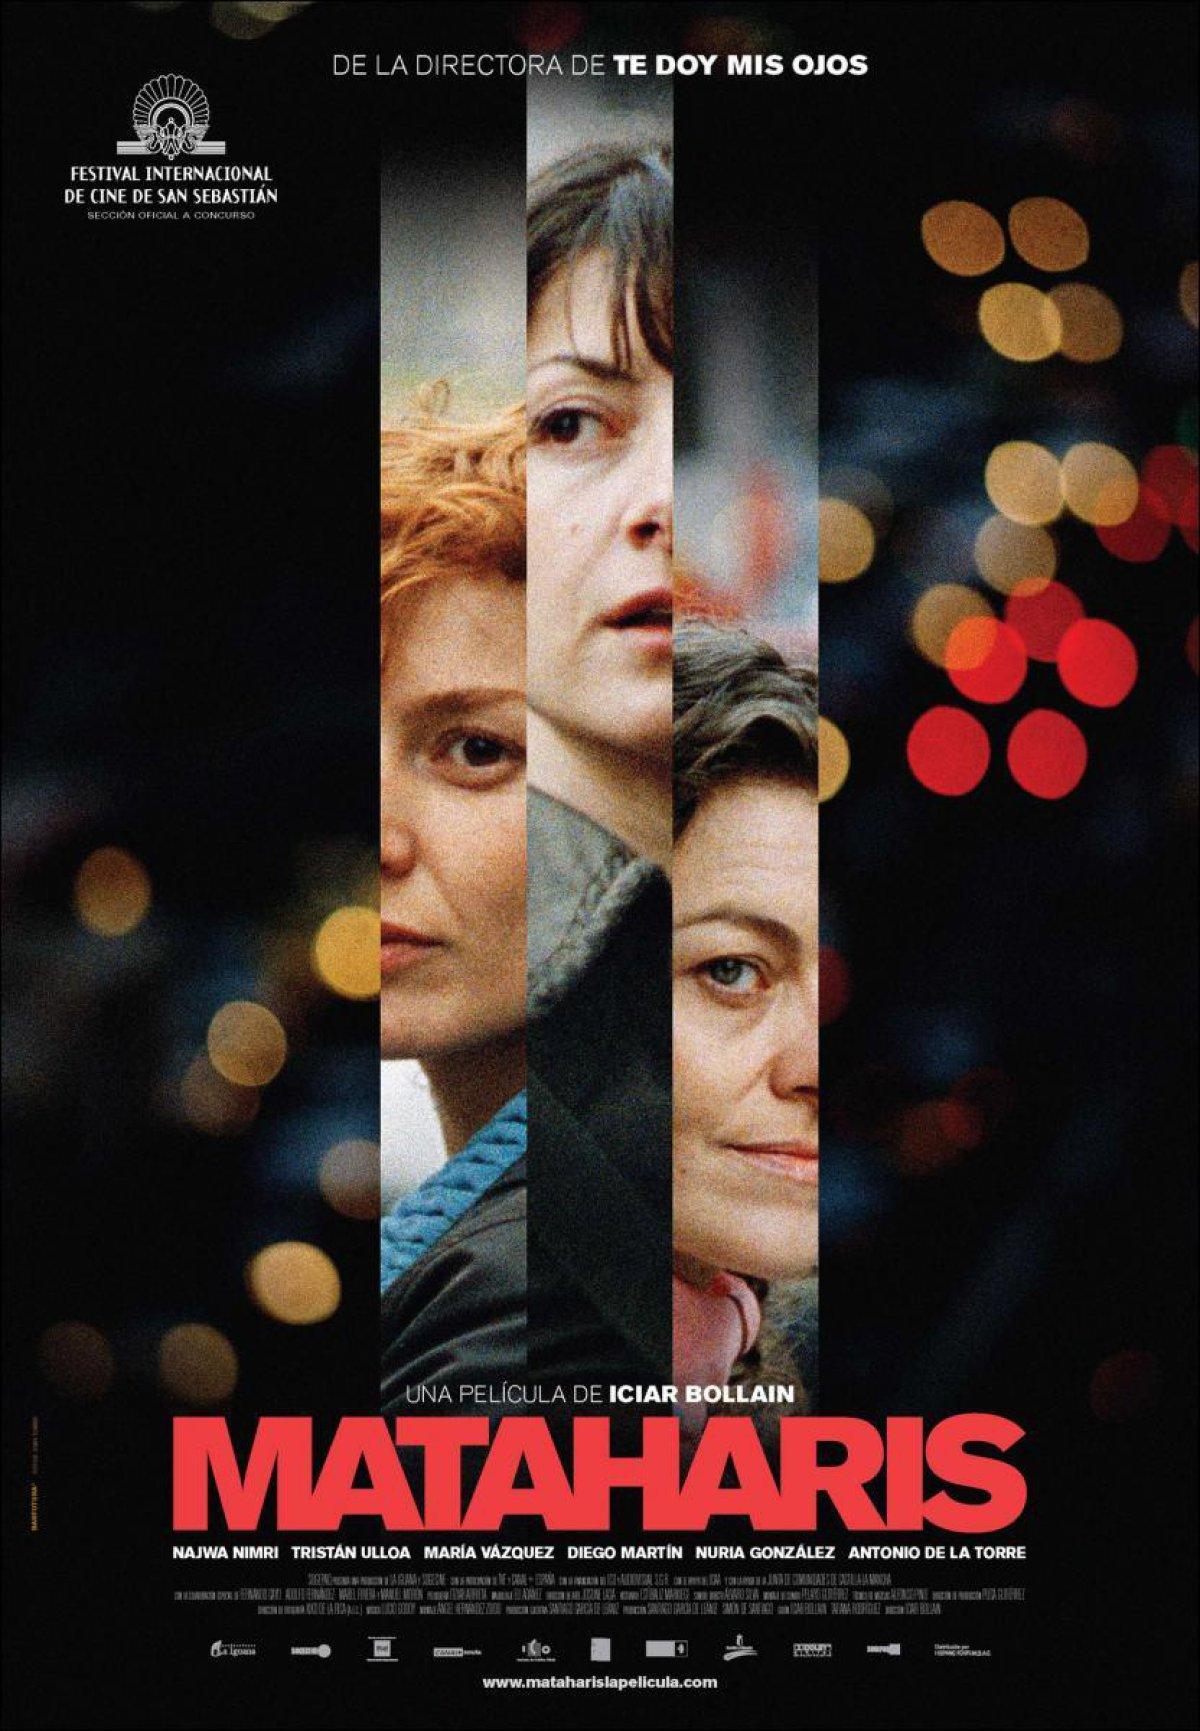 Mataharis (2007), Icíar Bollaín